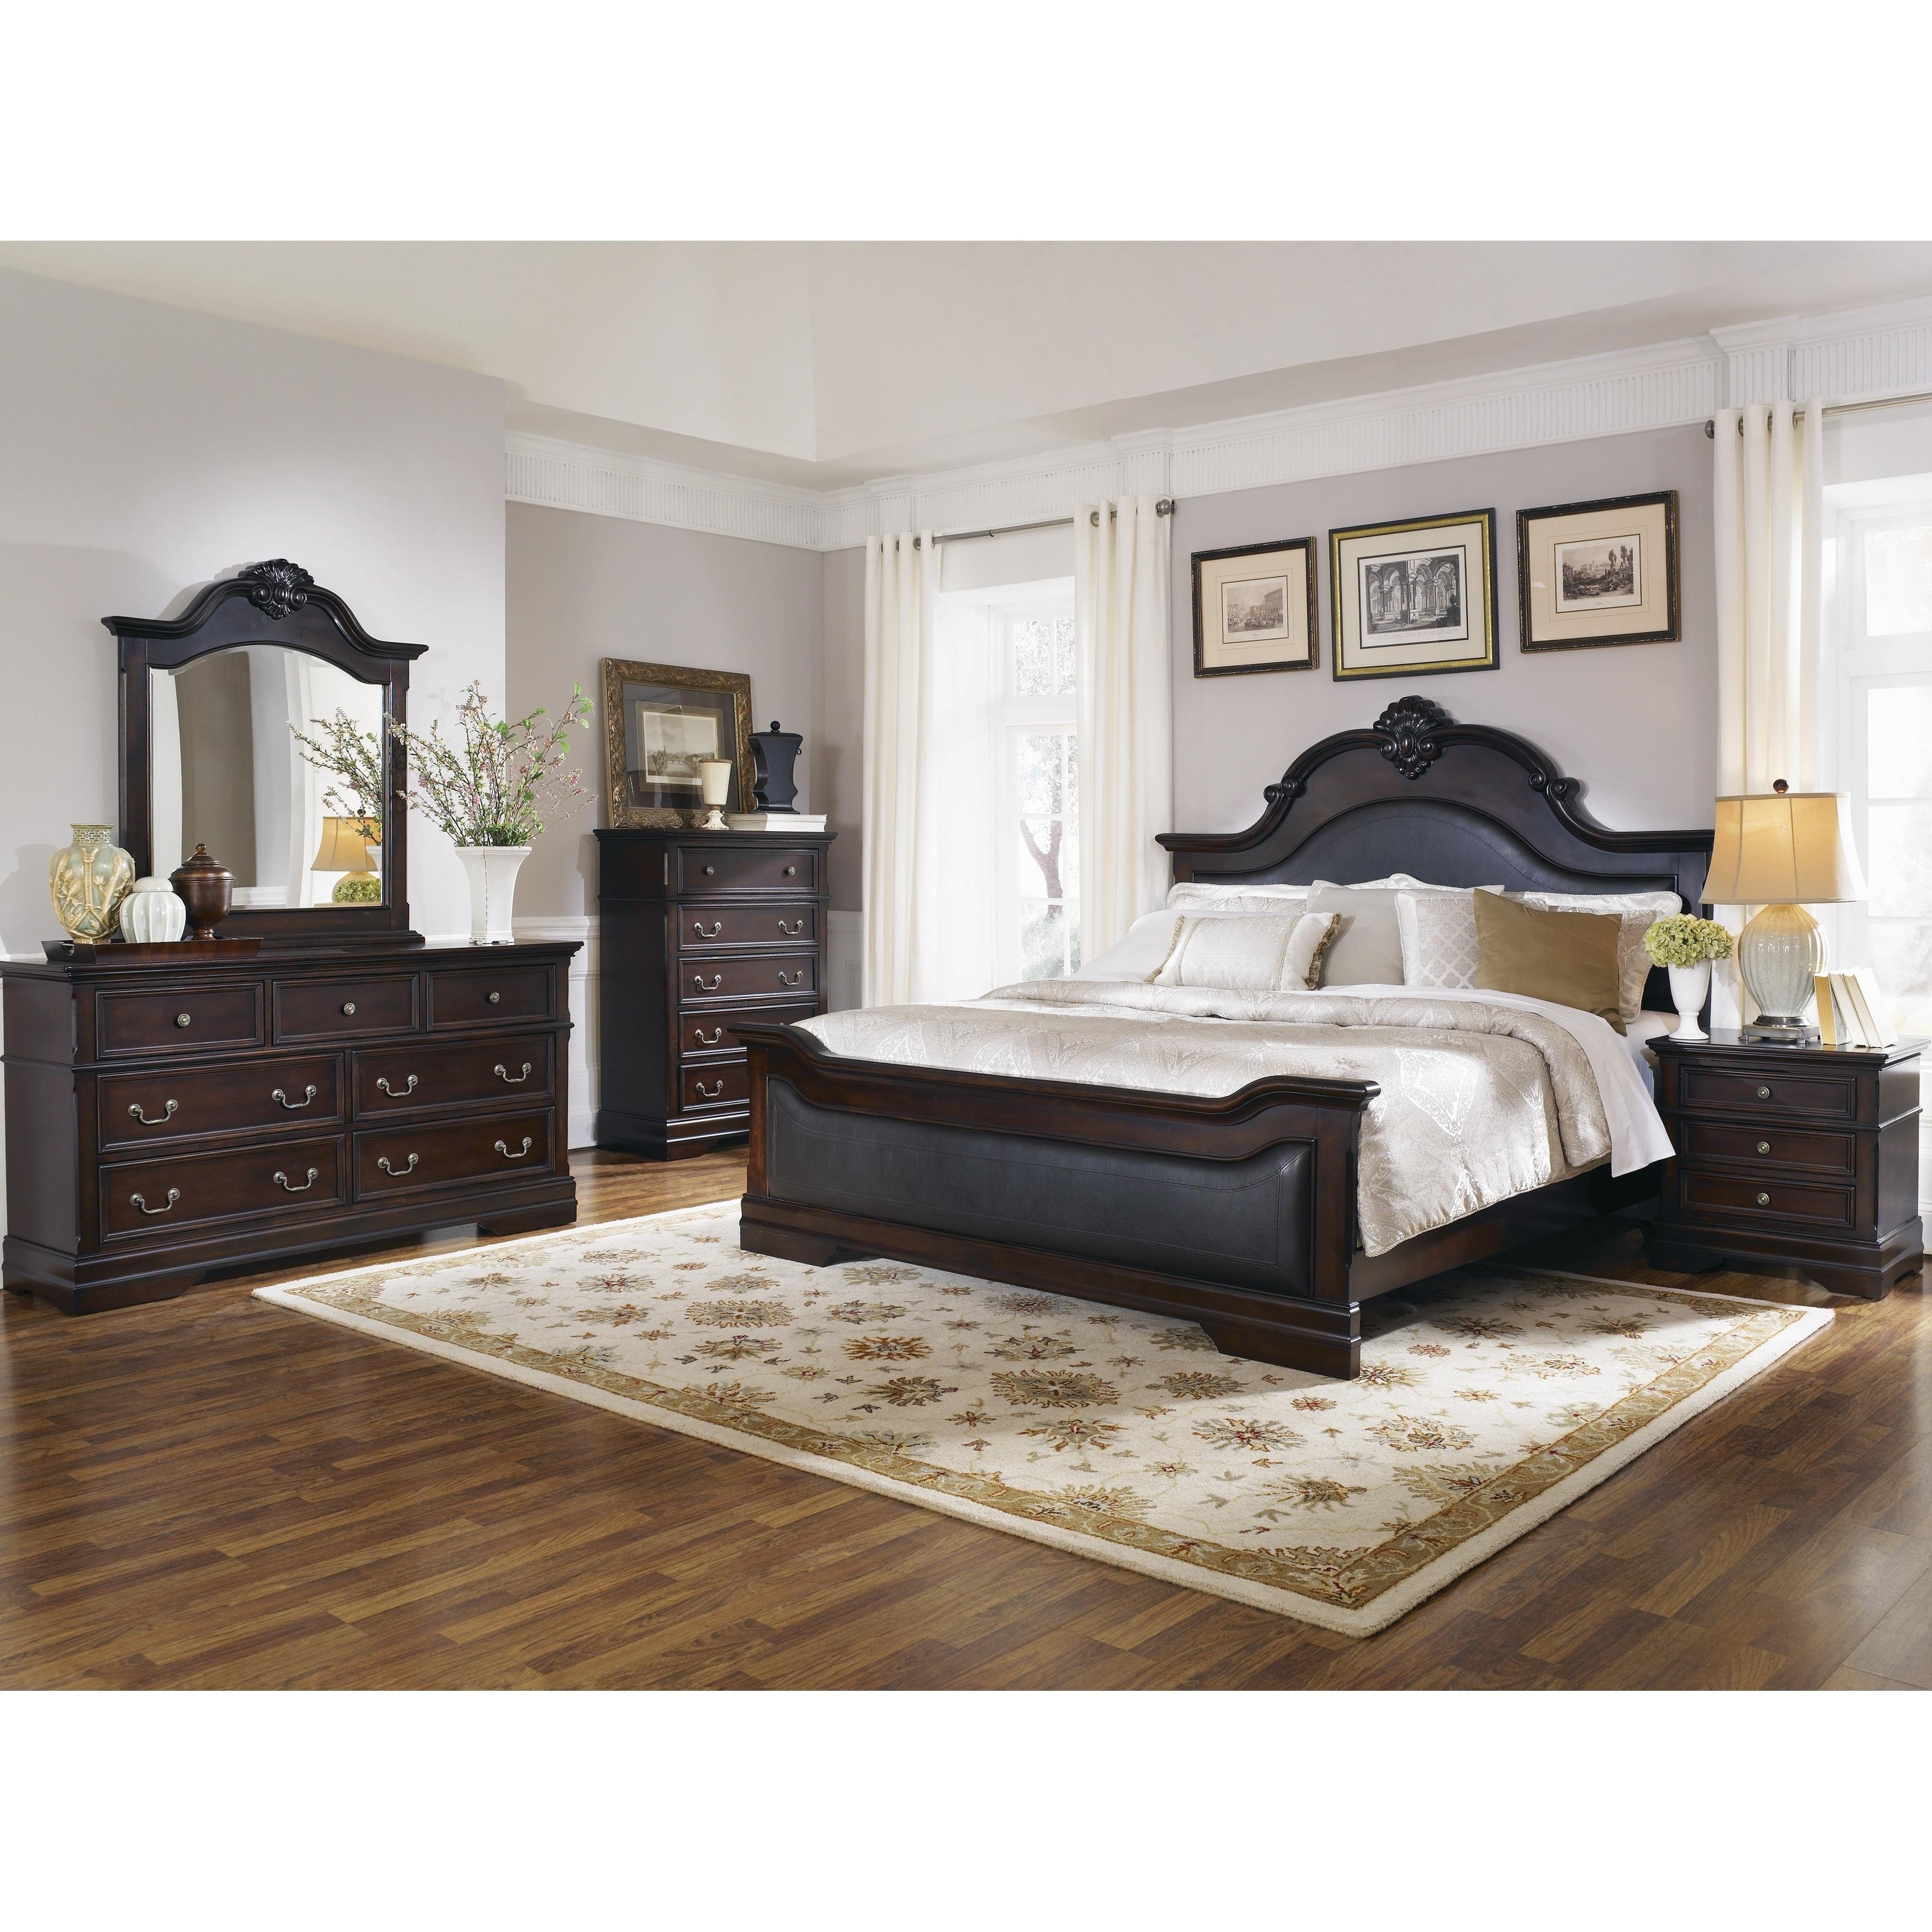 Shop Cambridge Traditional Dark Brown 5-piece Bedroom Set - Free ...